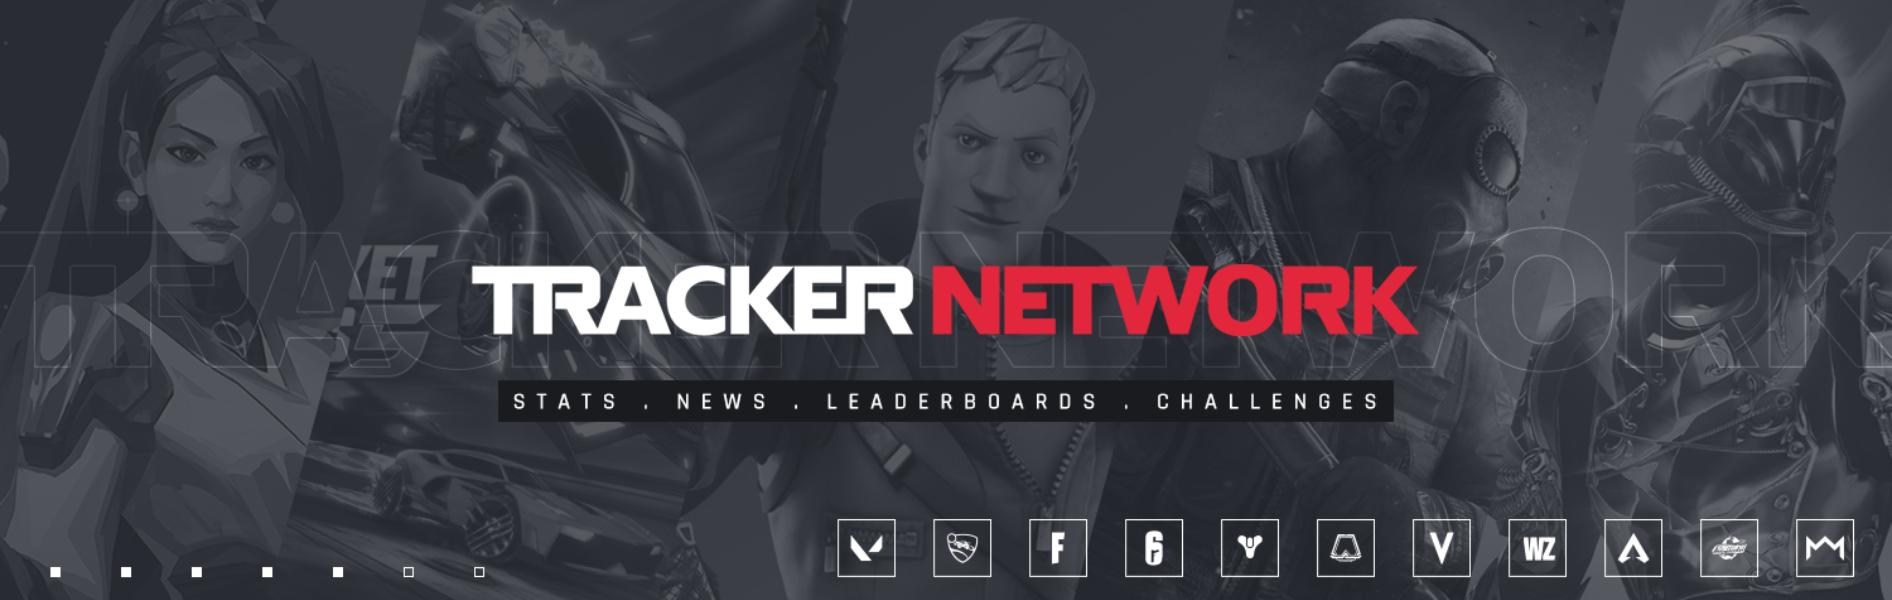 Tracker Network Banner